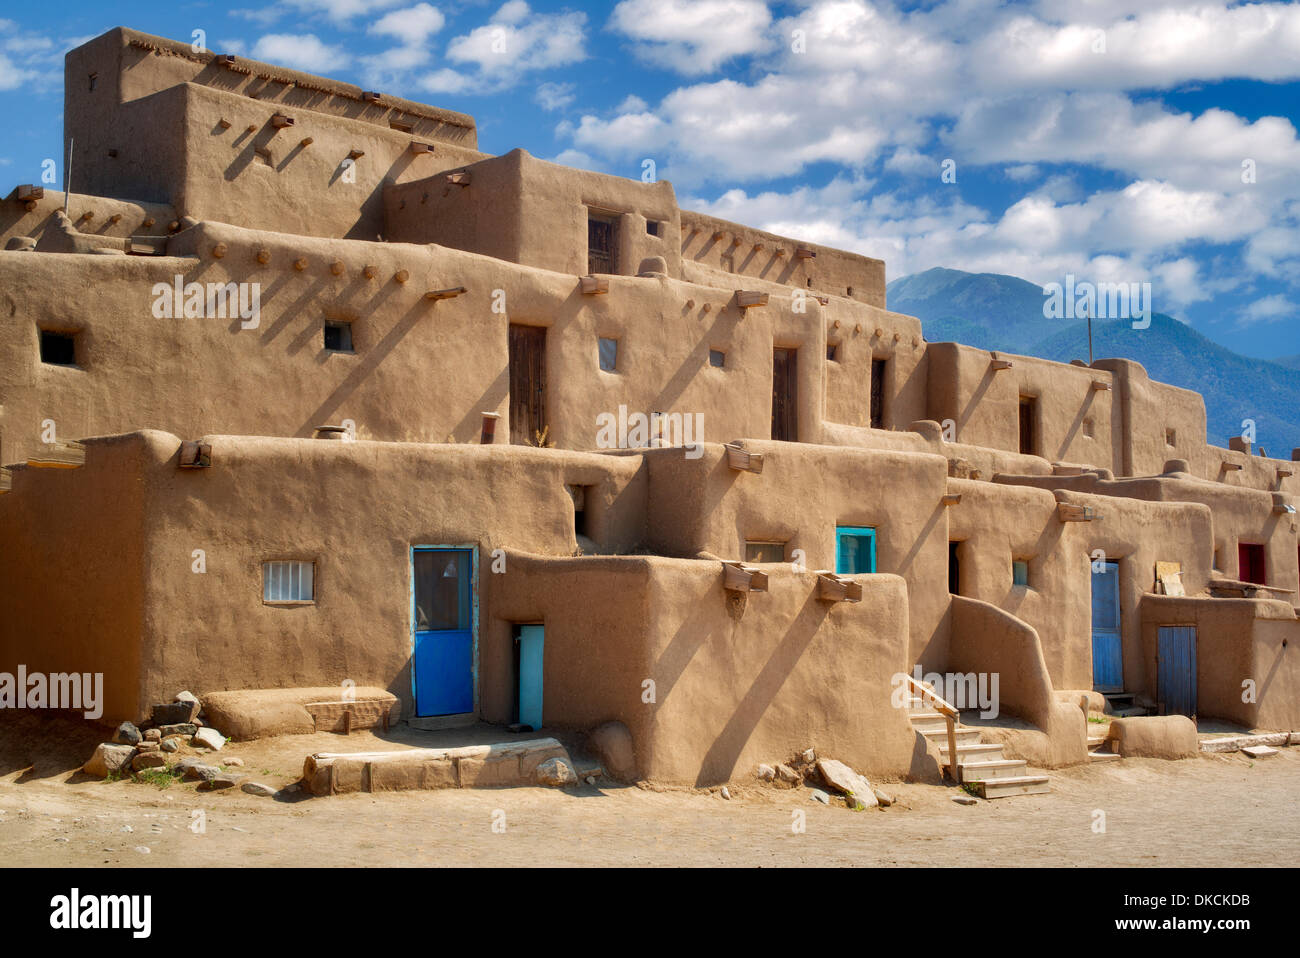 Estructuras de vivienda en el pueblo de Taos. Taos, Nuevo México Imagen De Stock